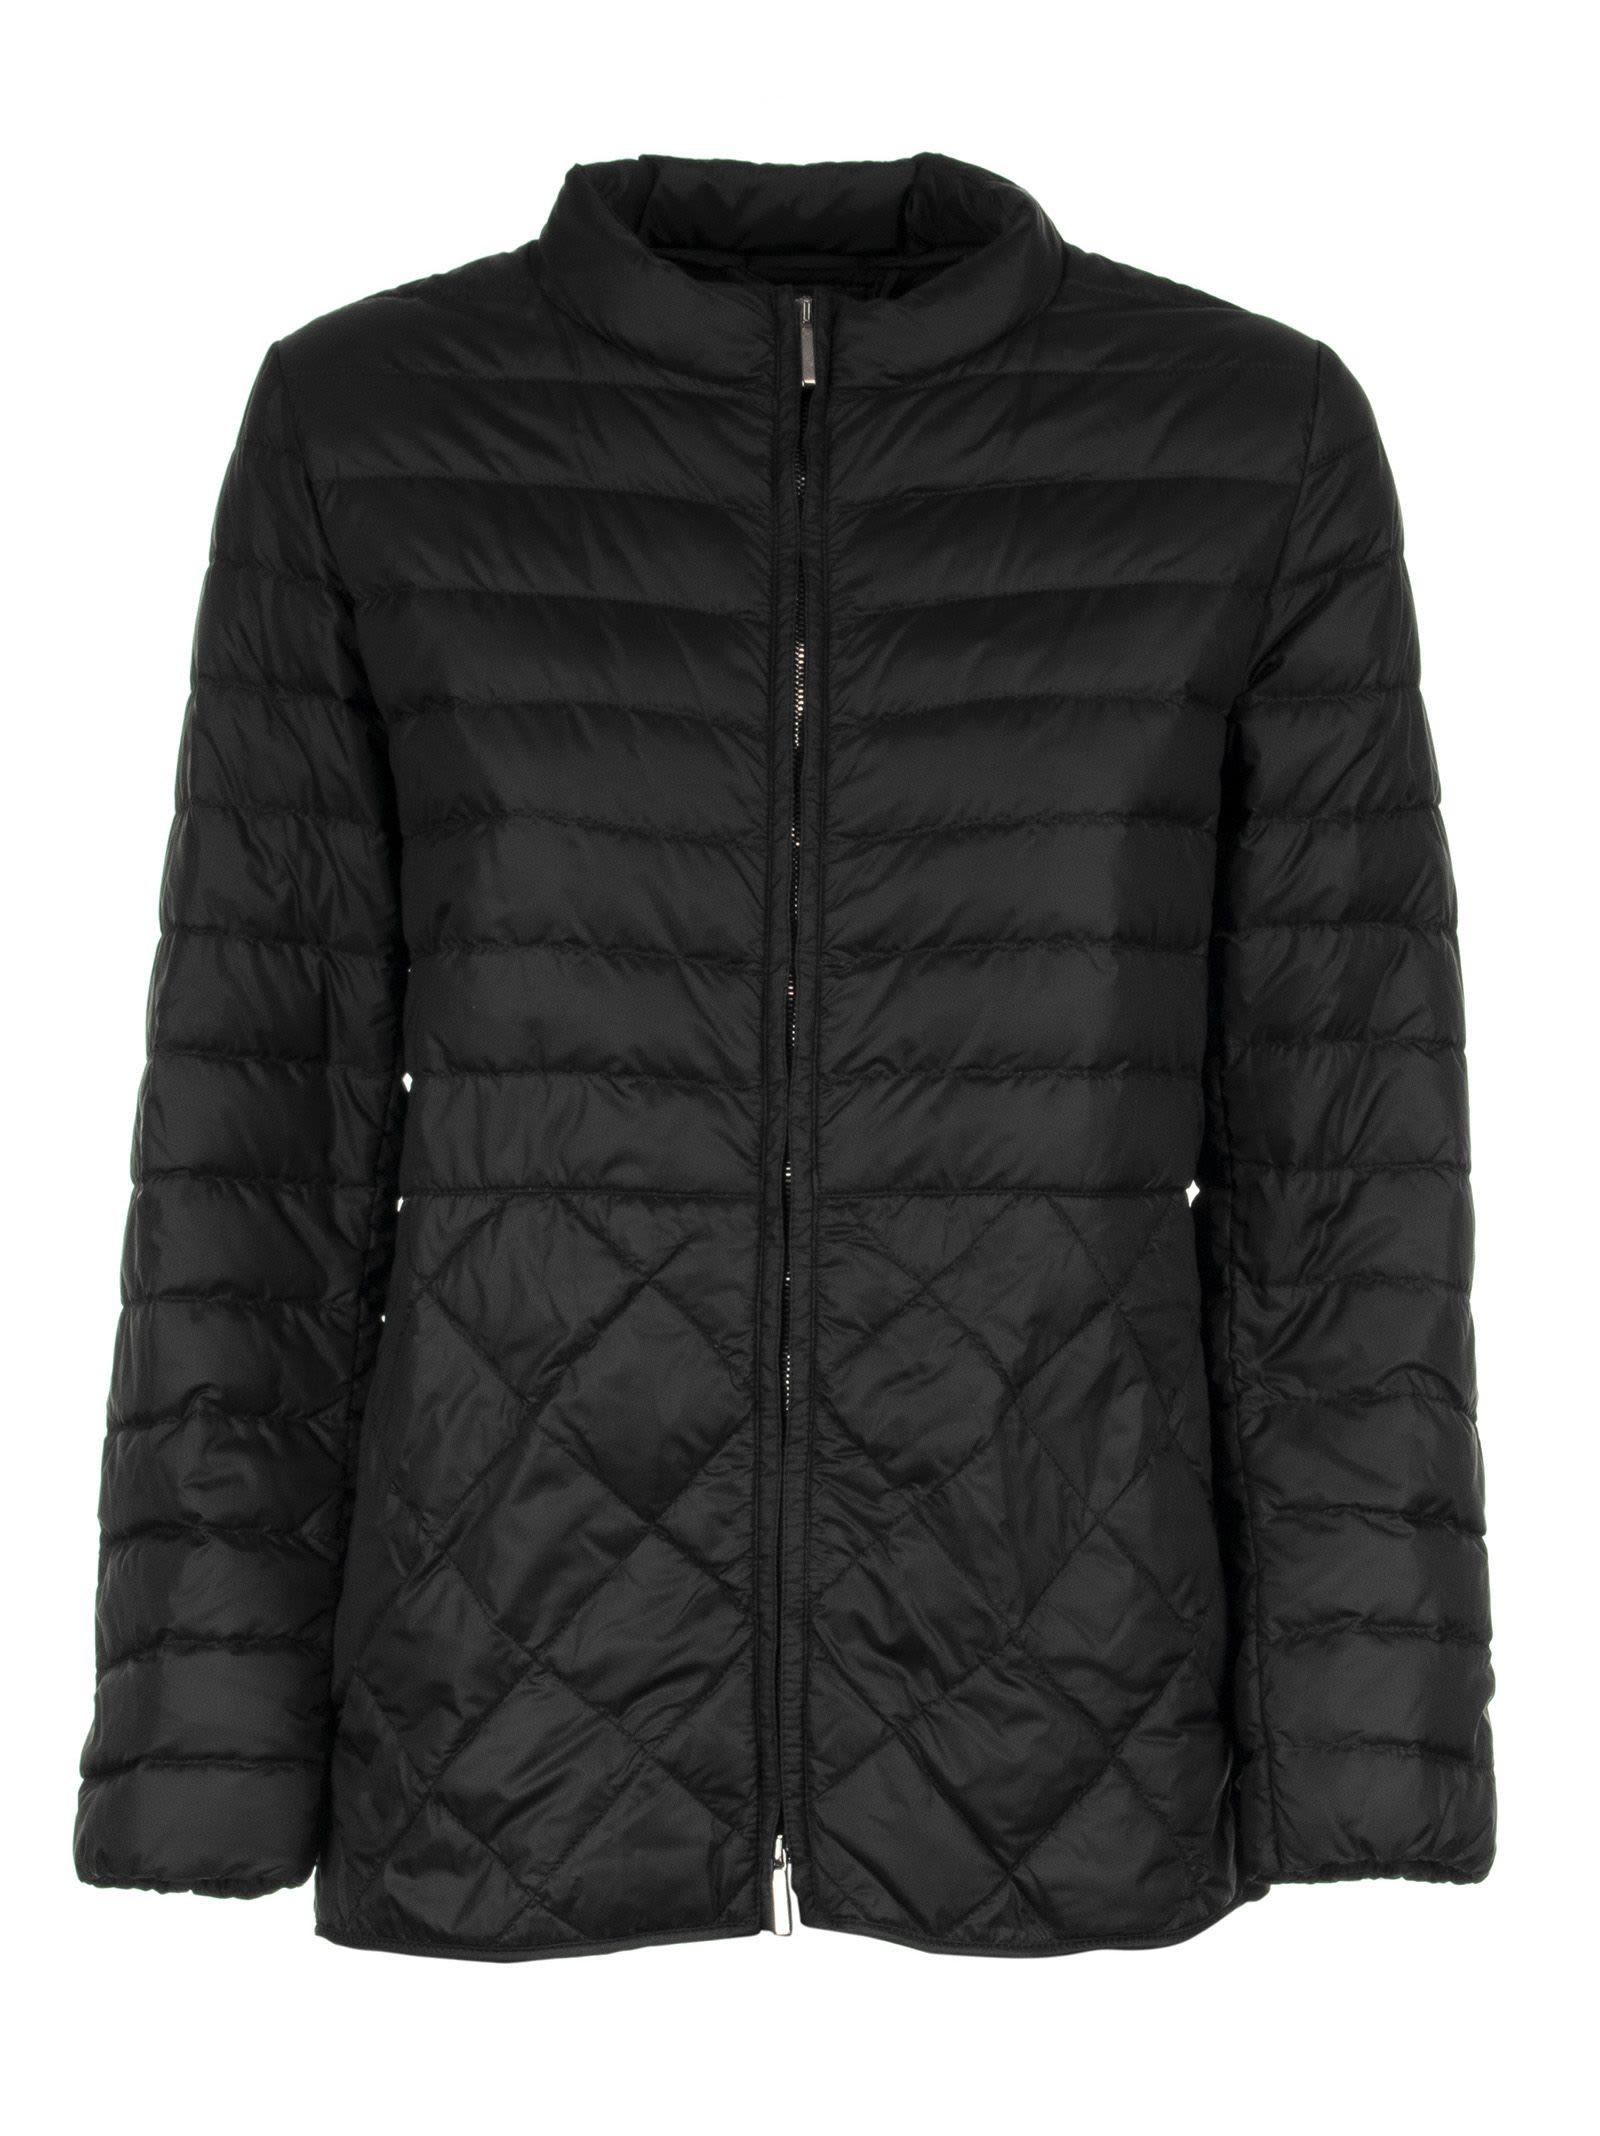 Max Mara Etret Padded Jacket